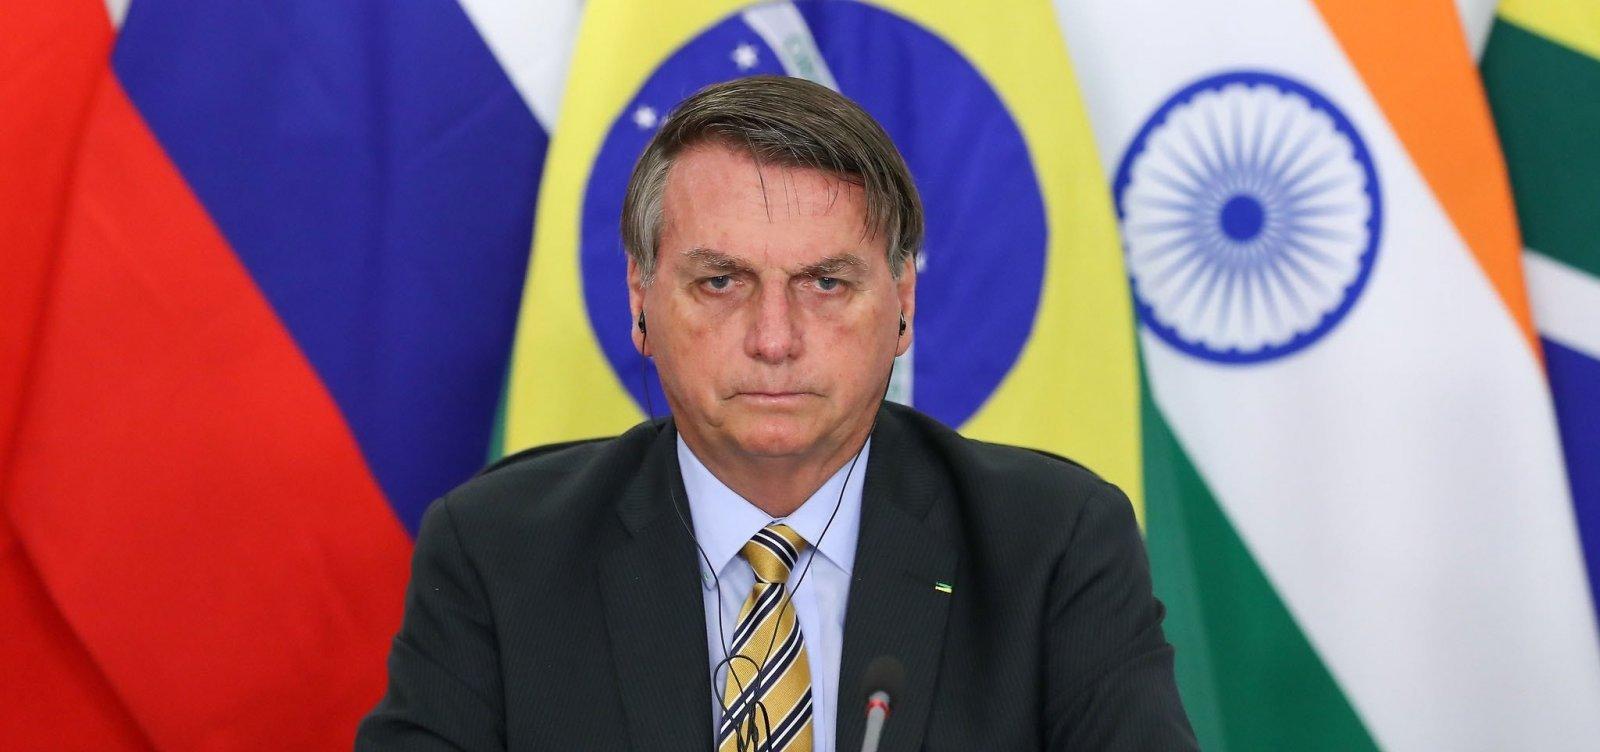 Um dia após falar em possibilidade de recriar ministérios, Bolsonaro nega intenção de reabertura